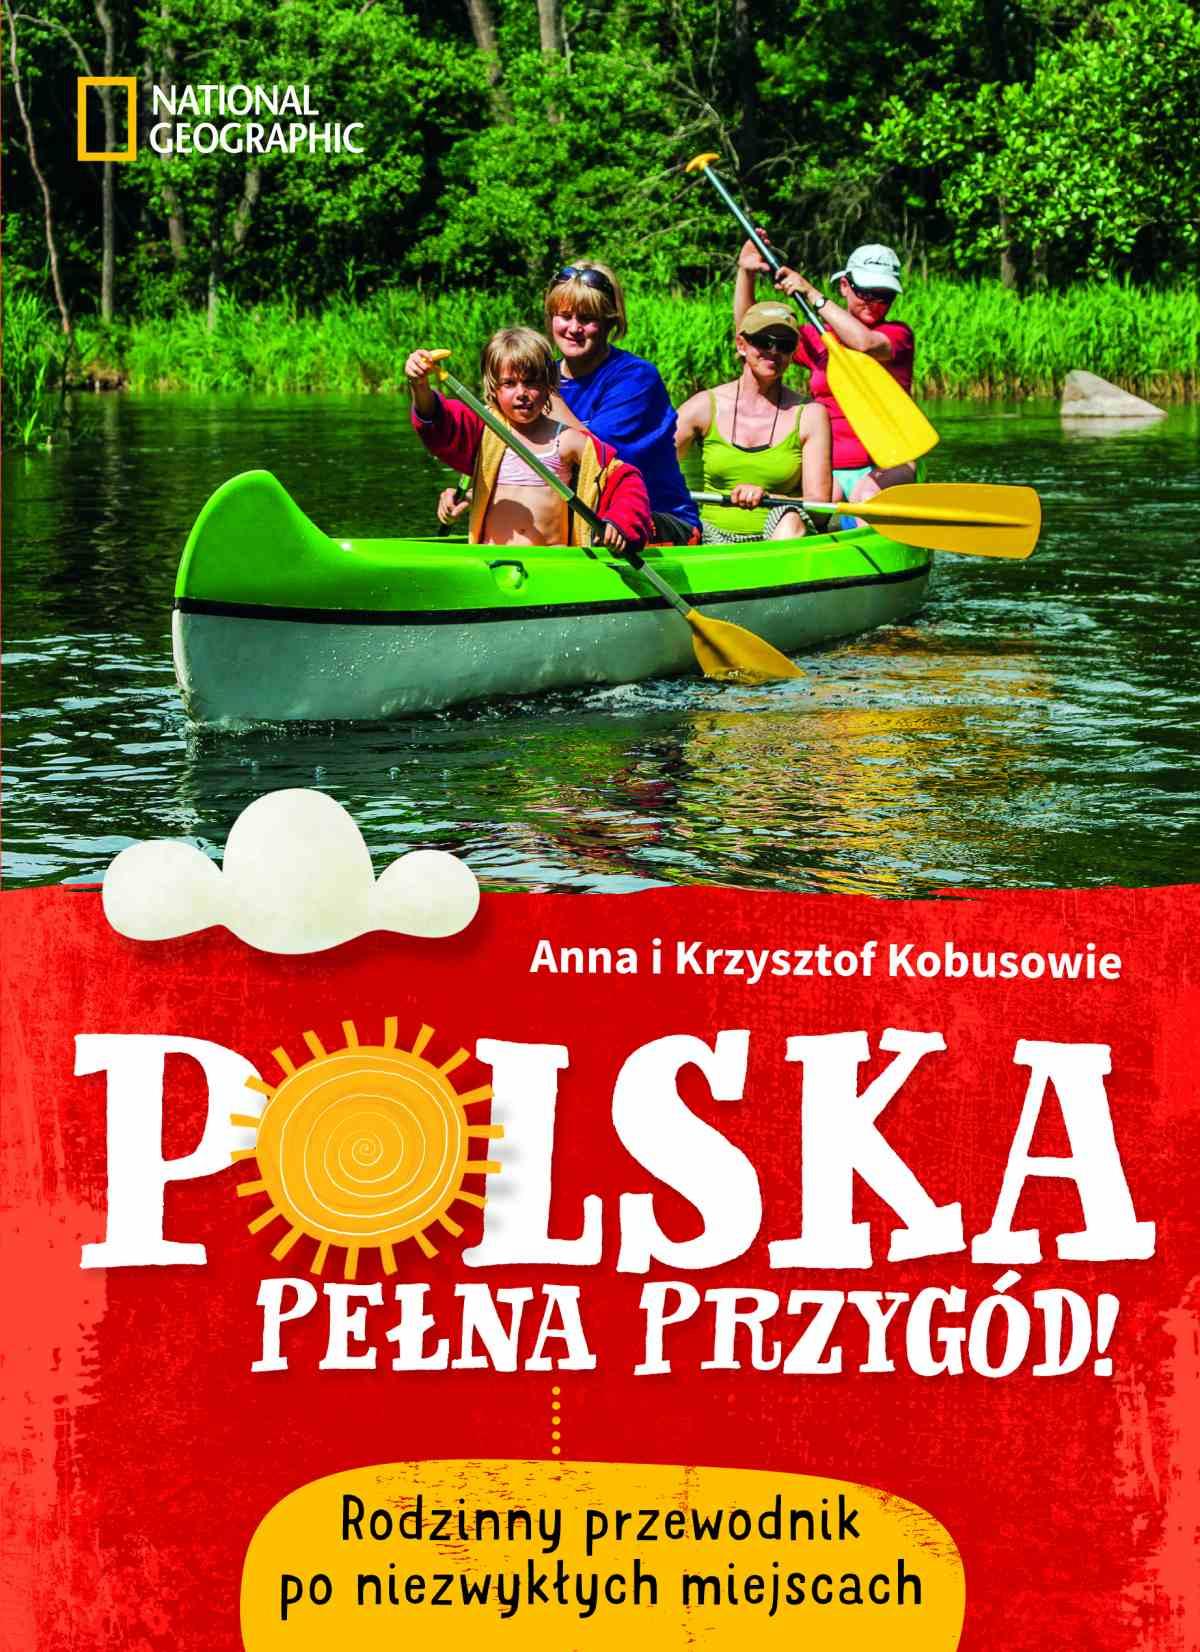 Polska pełna przygód! Rodzinny przewodnik po niezwykłych miejscach - Ebook (Książka EPUB) do pobrania w formacie EPUB